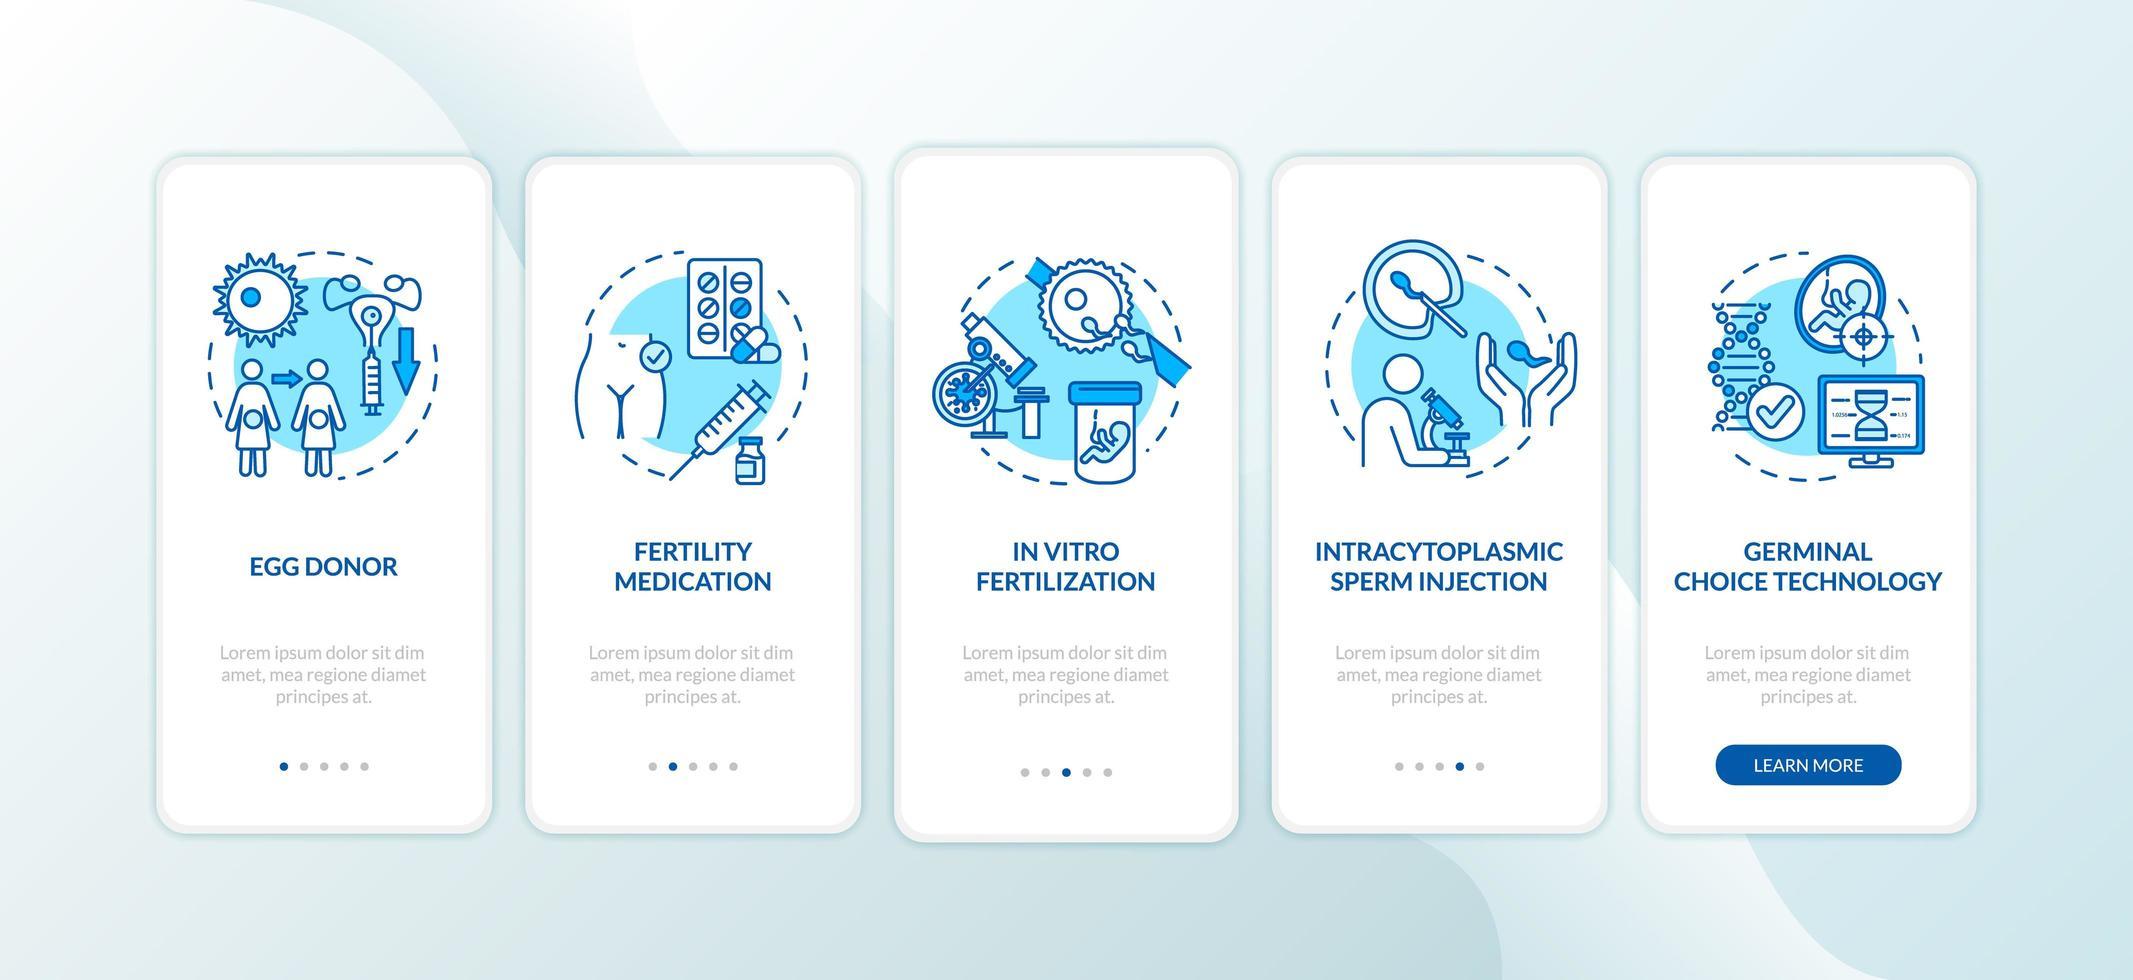 Fruchtbarkeitsmedikamente Onboarding Mobile App Seite Bildschirm vektor